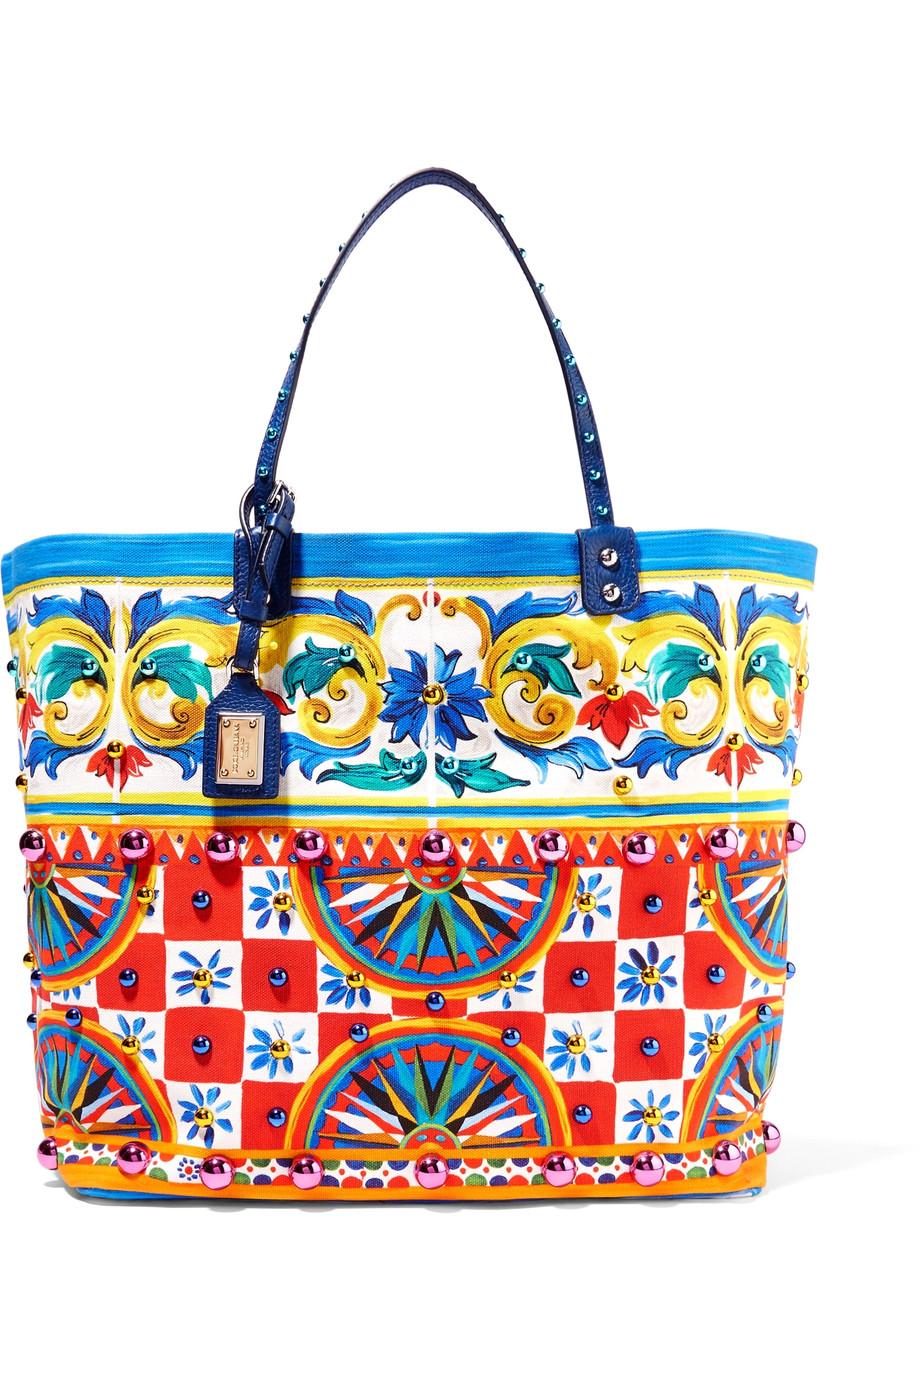 تشكيلة حقائب يد كبيرة لرحلات صيف 2017